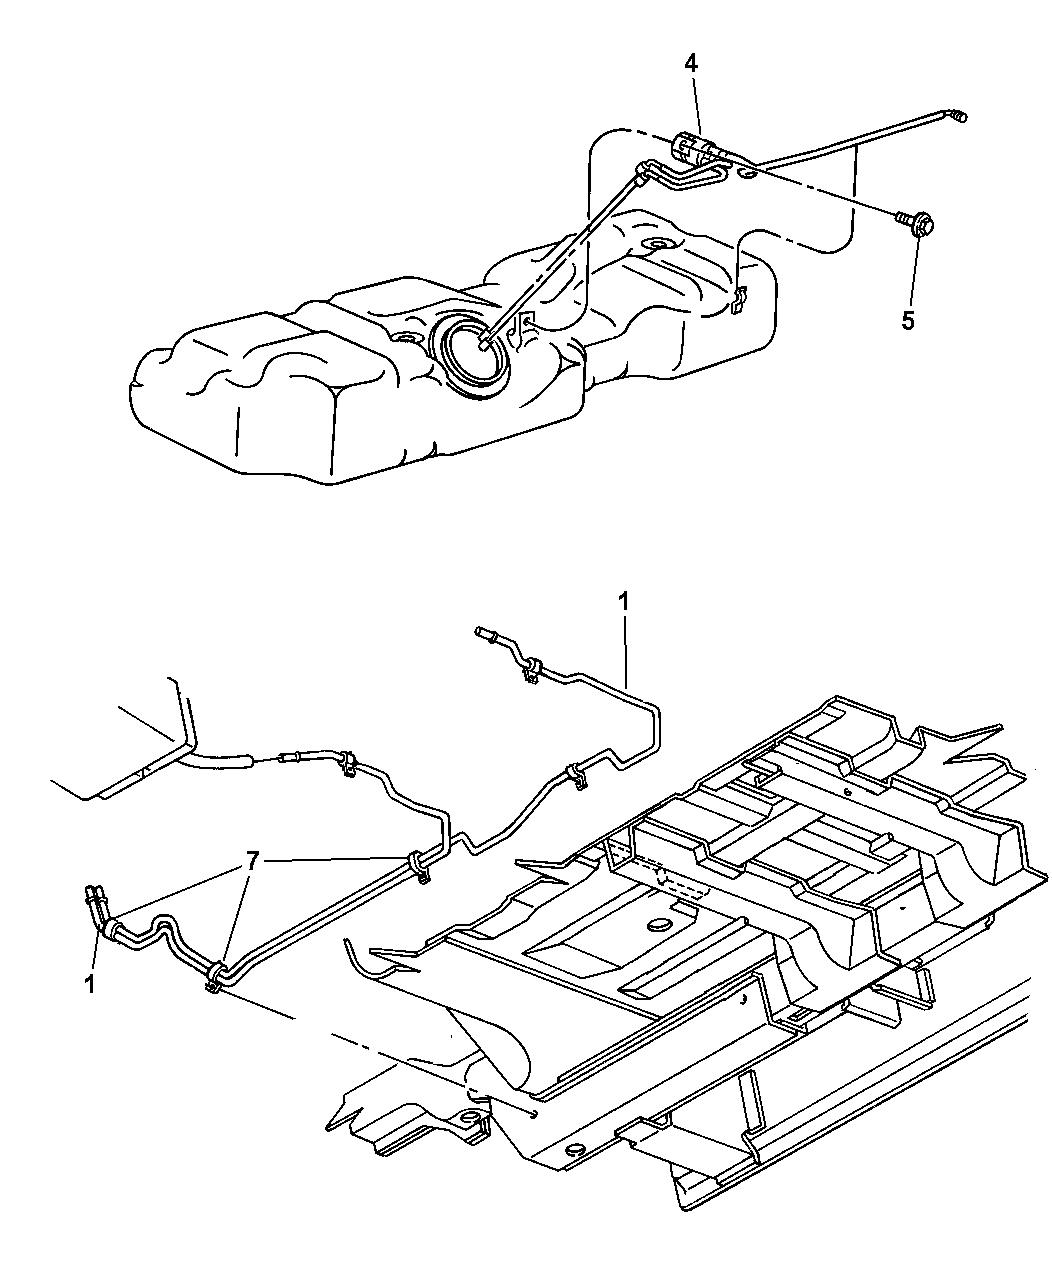 2003 dodge grand caravan fuel filter diagram